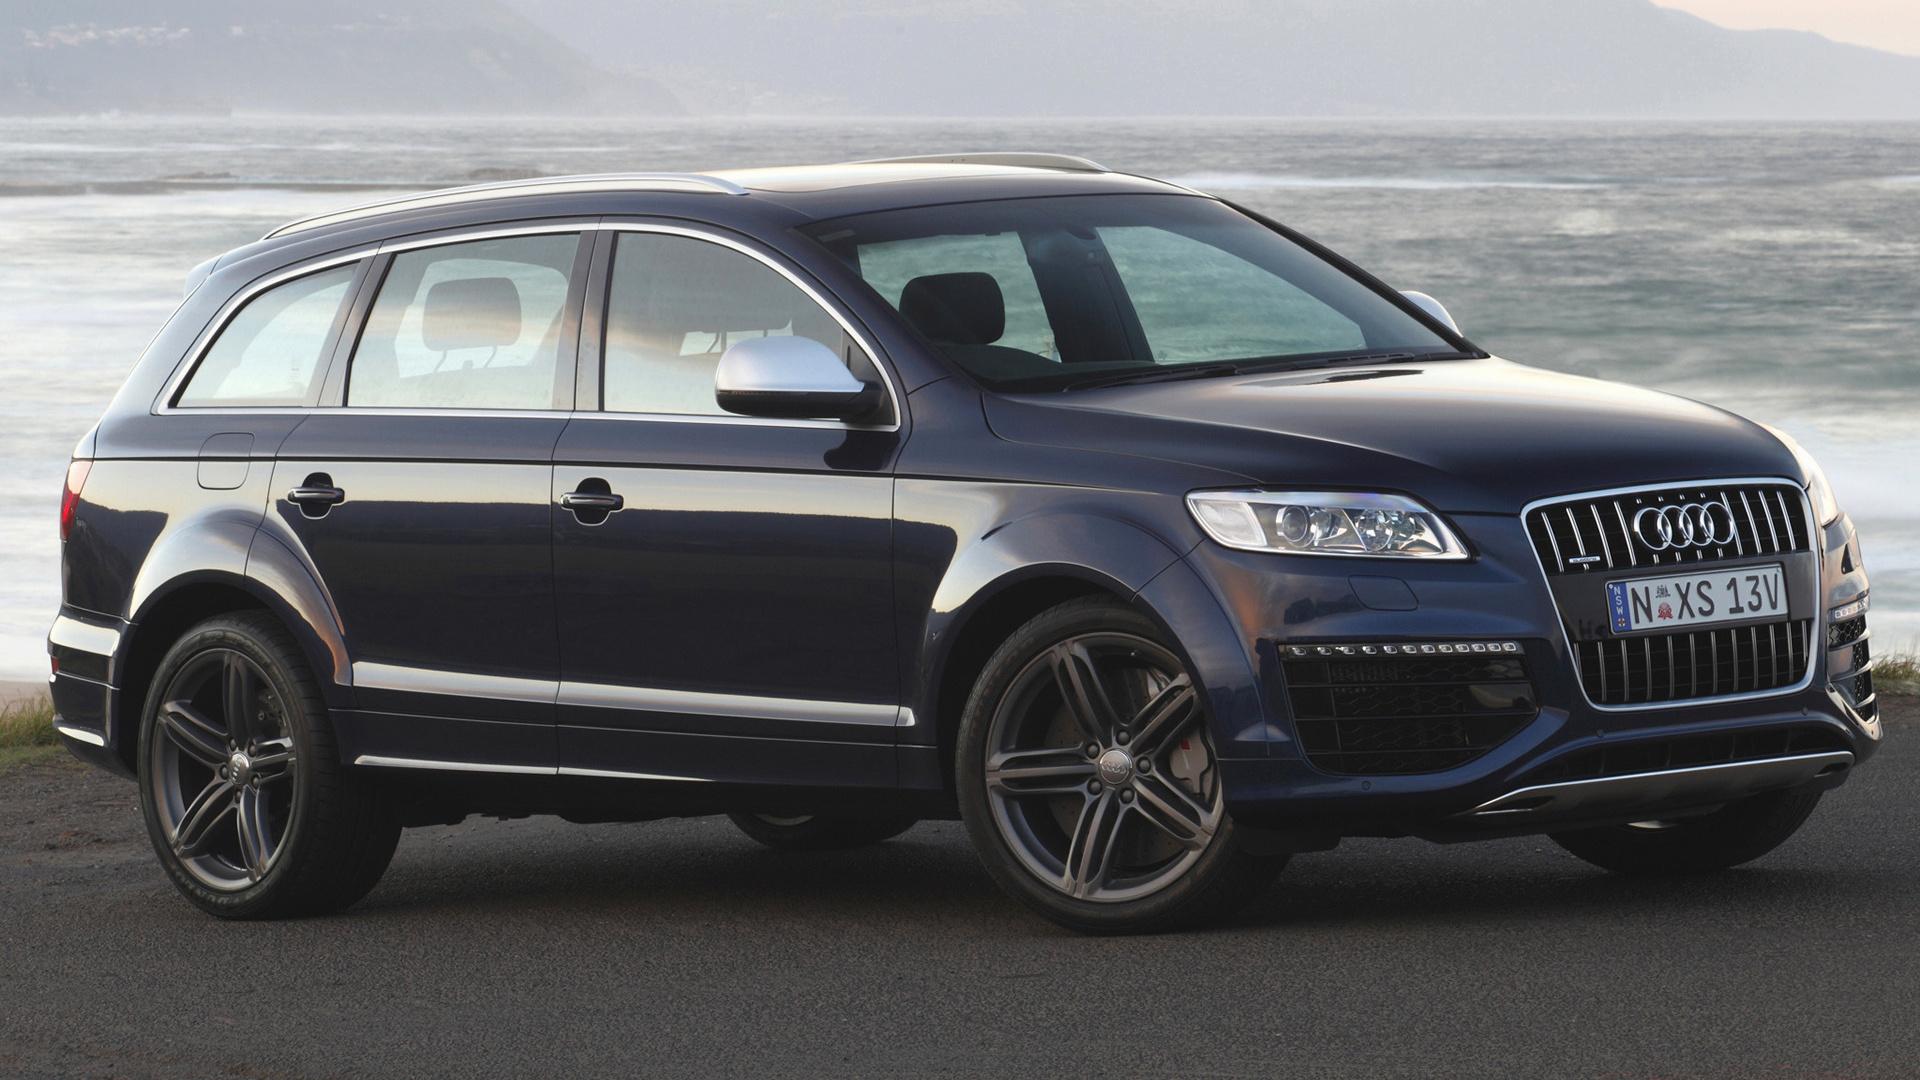 Kelebihan Kekurangan Audi Q7 2008 Perbandingan Harga